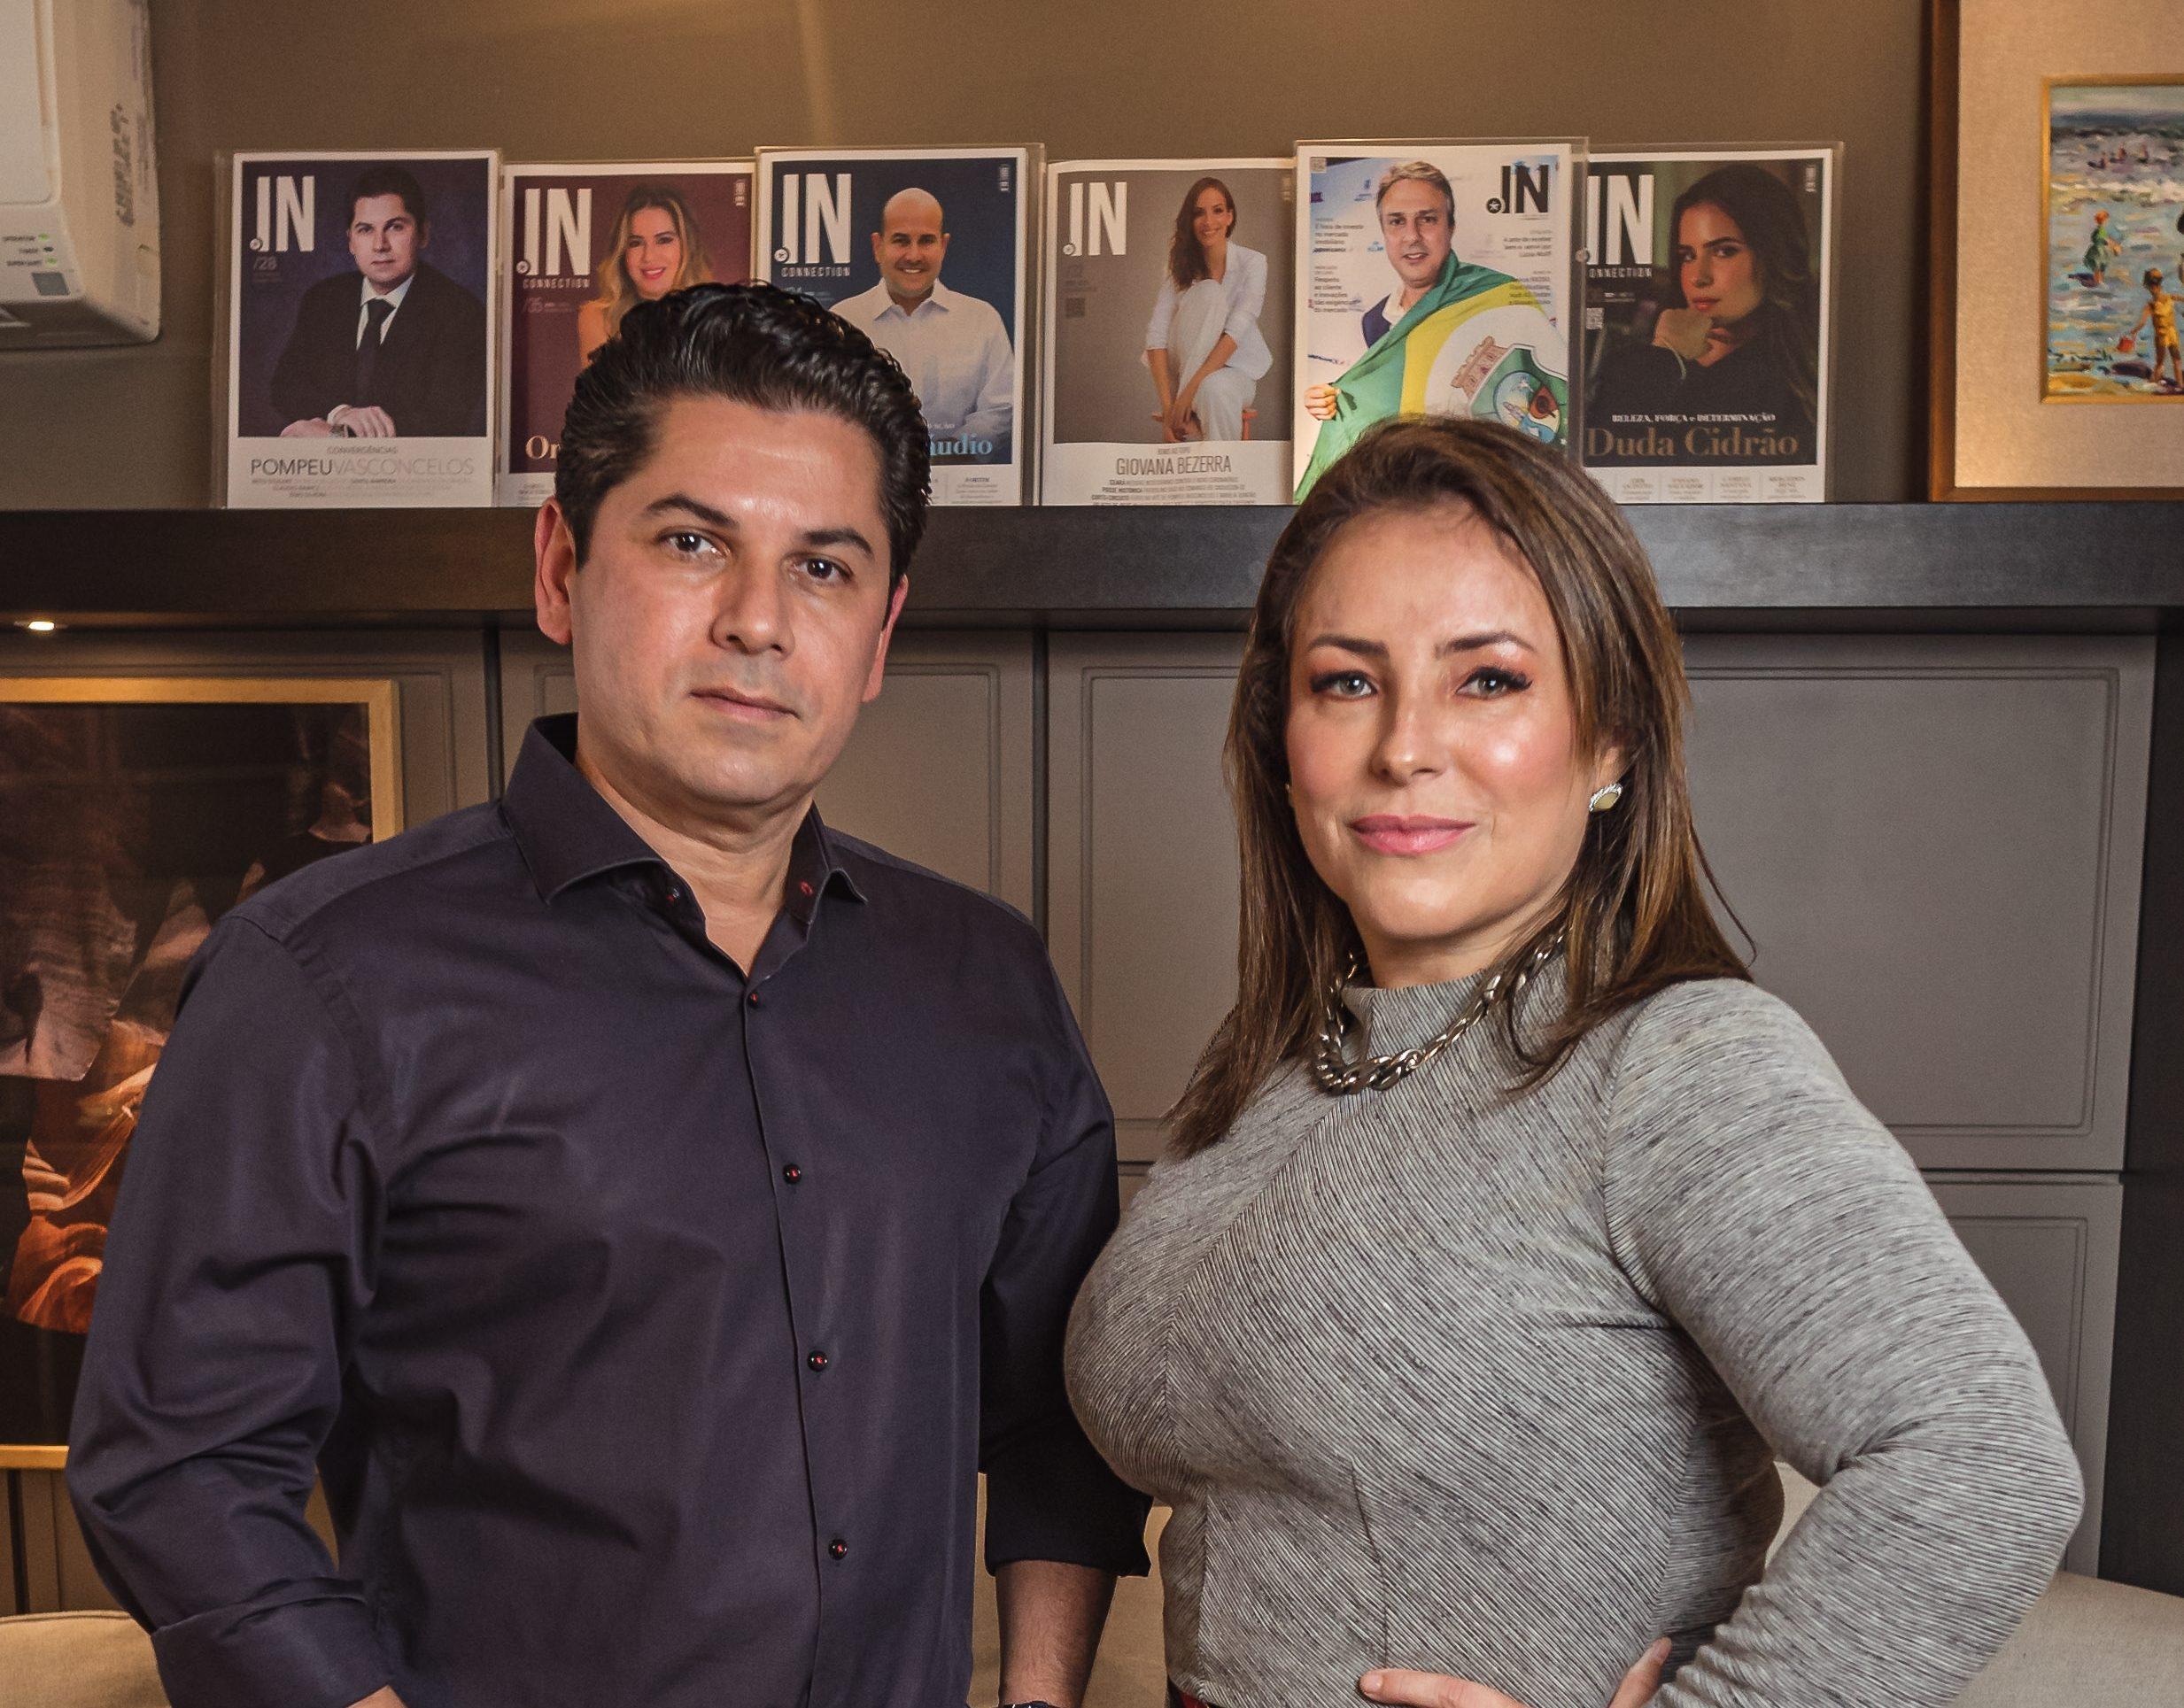 Conheça a IN Express Comunicação, collab de consultoria e relacionamento de Pompeu Vasconcelos e Eveline Frota